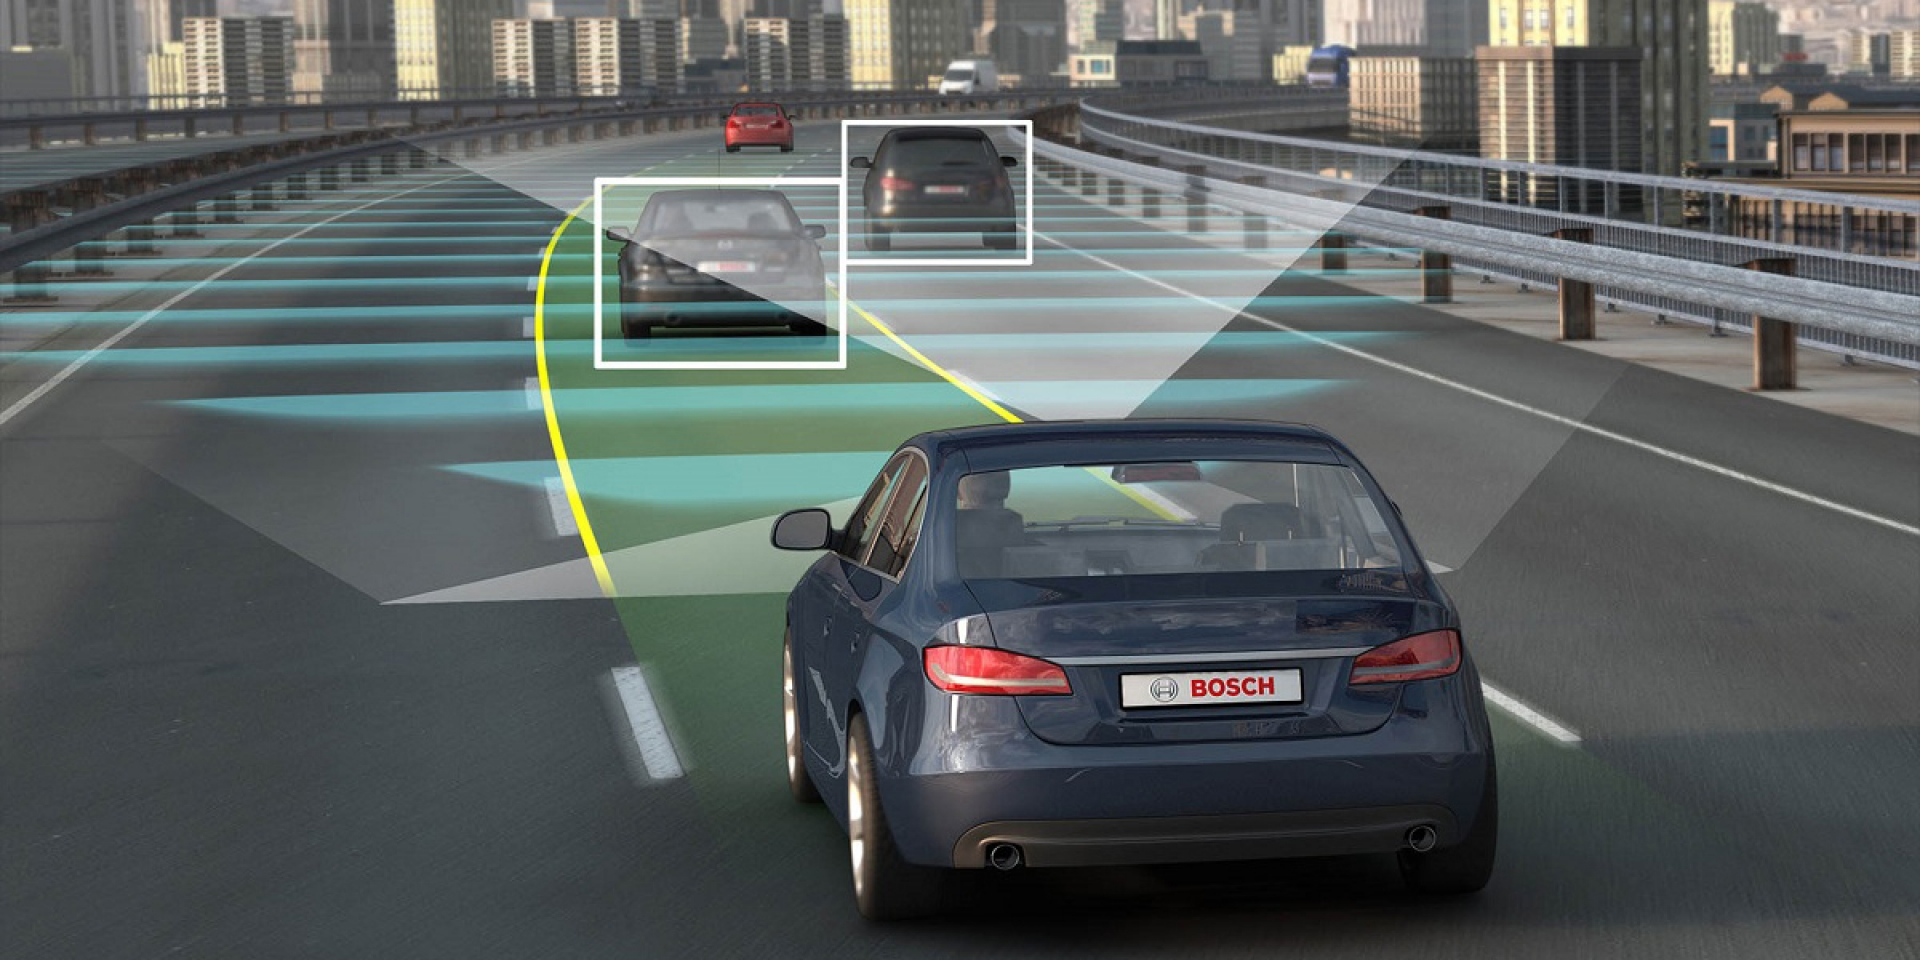 自駕車不是三寶救星!美國研究:自動駕駛沒辦法避免多數交通事故!